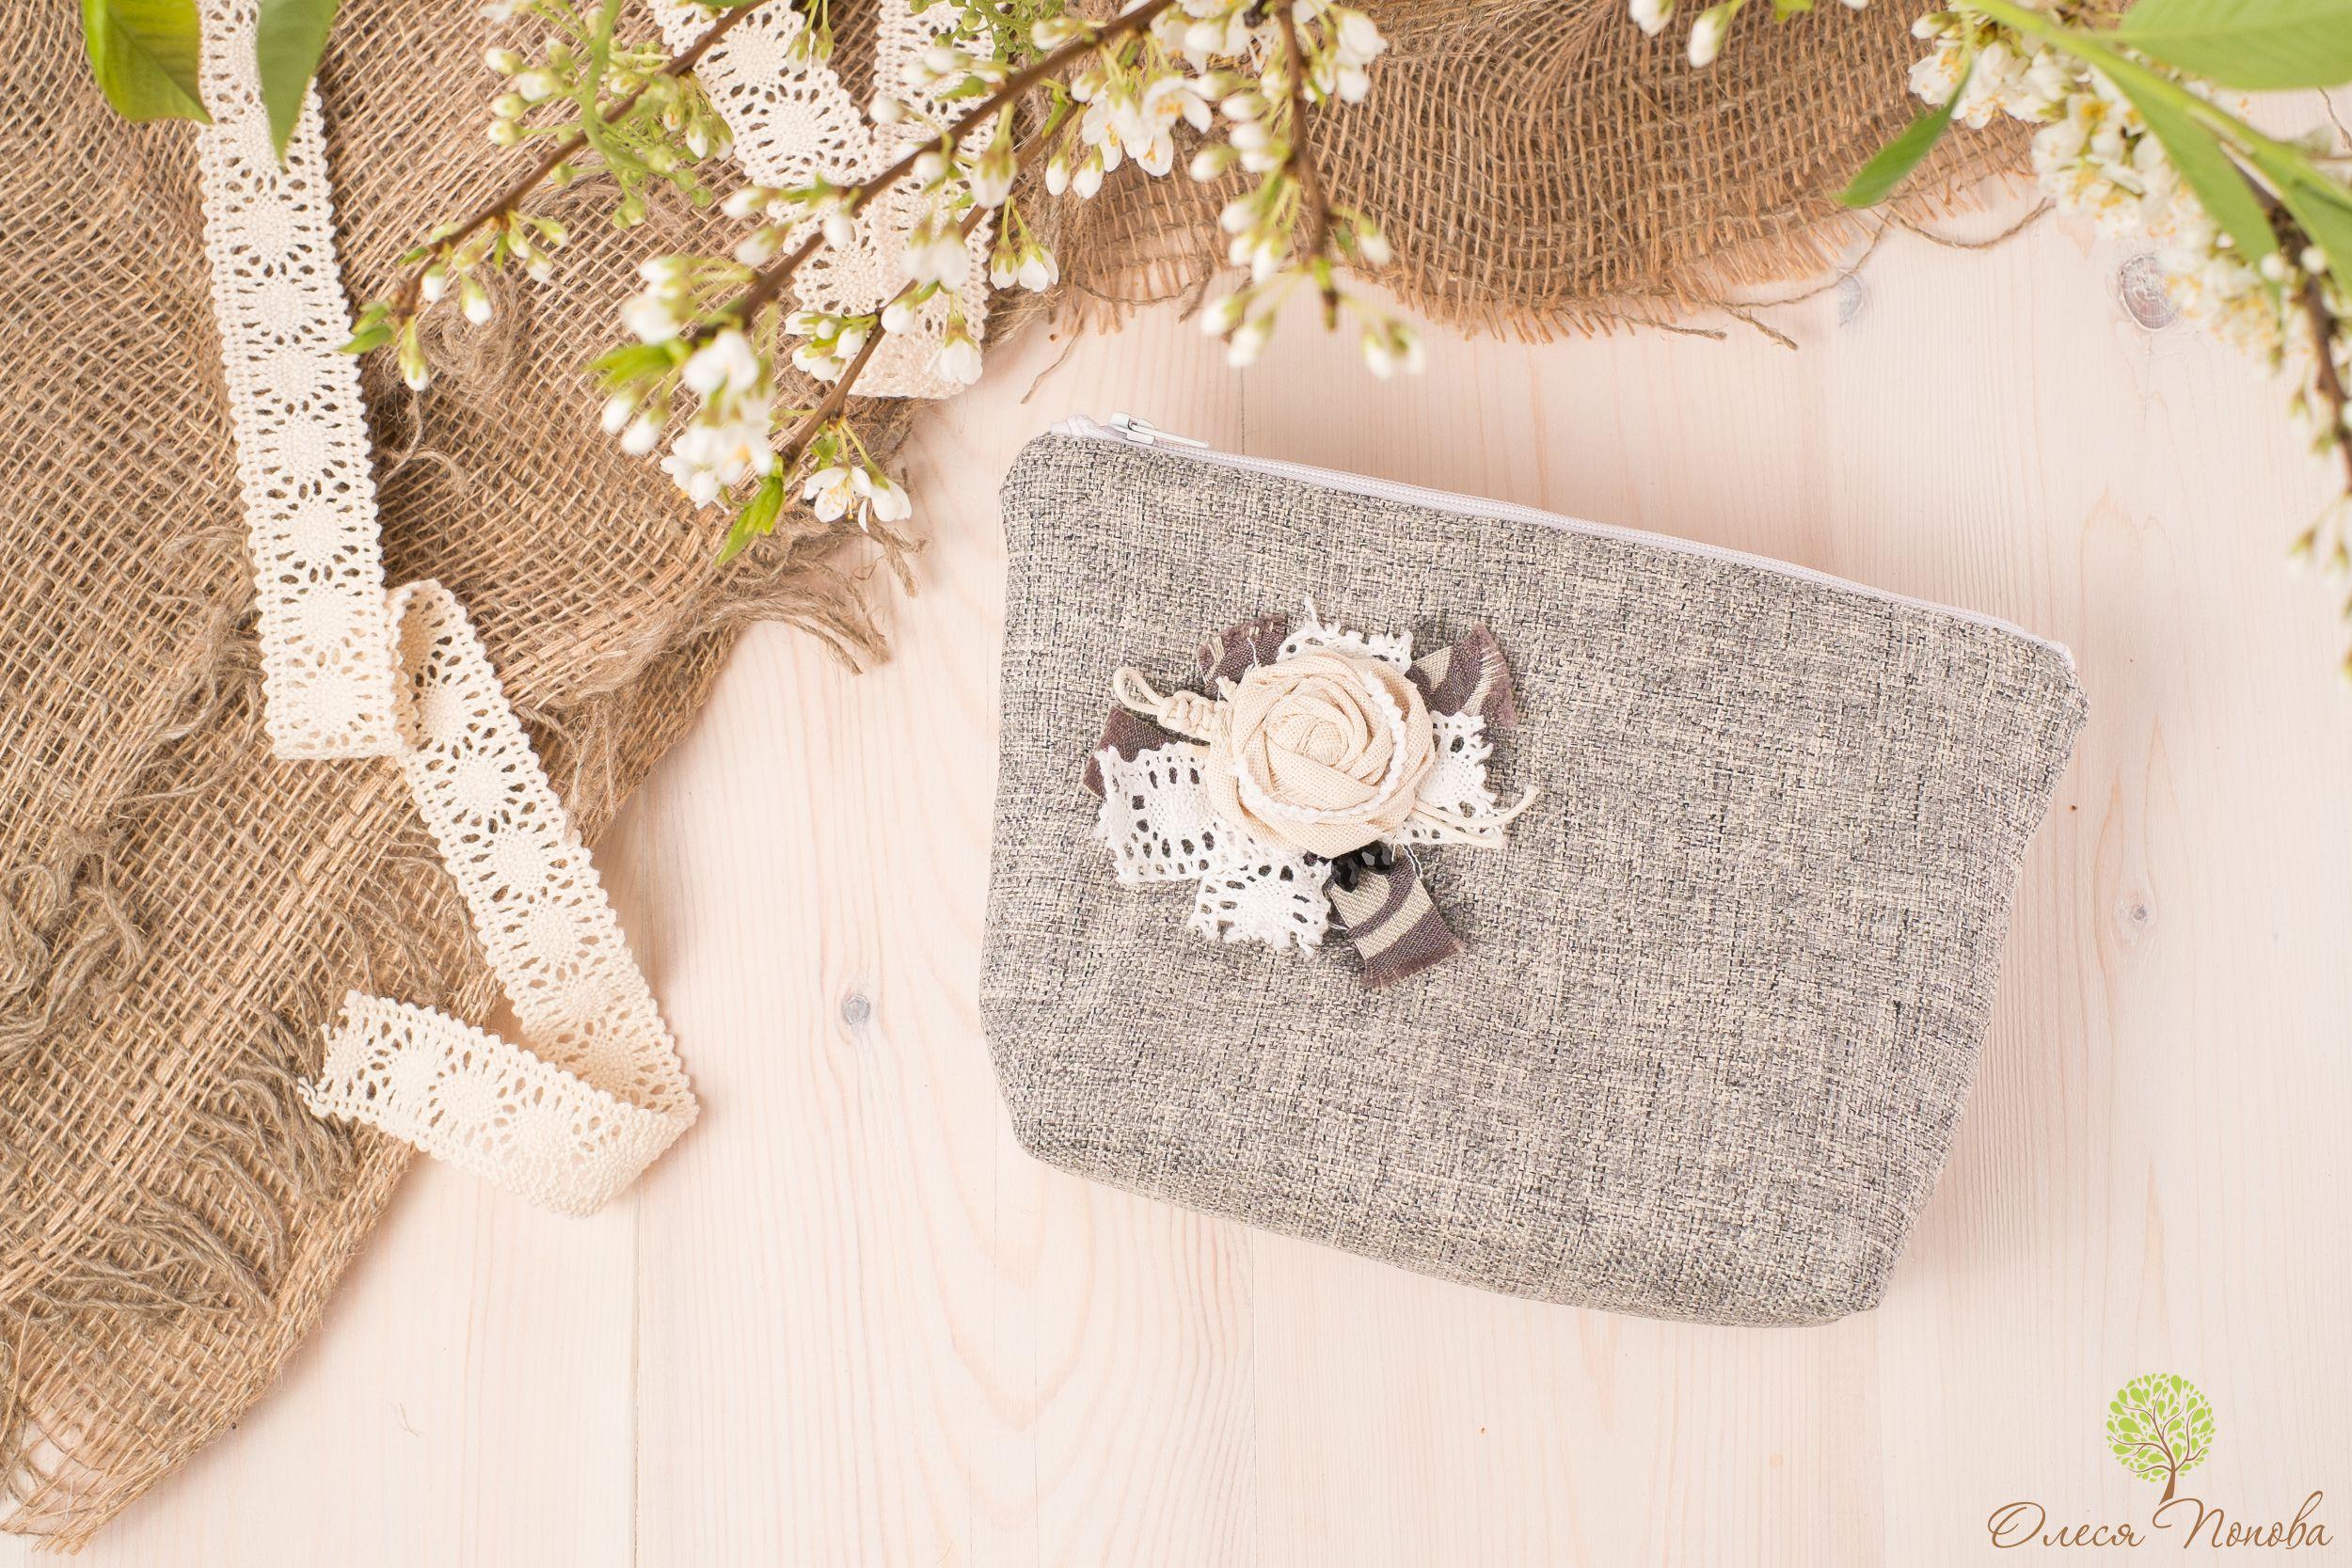 косметичка ручнаяработа бохо подарок подарокдевушке вналичии впродаже сдушой hendmade abakan абакан craftop красиво